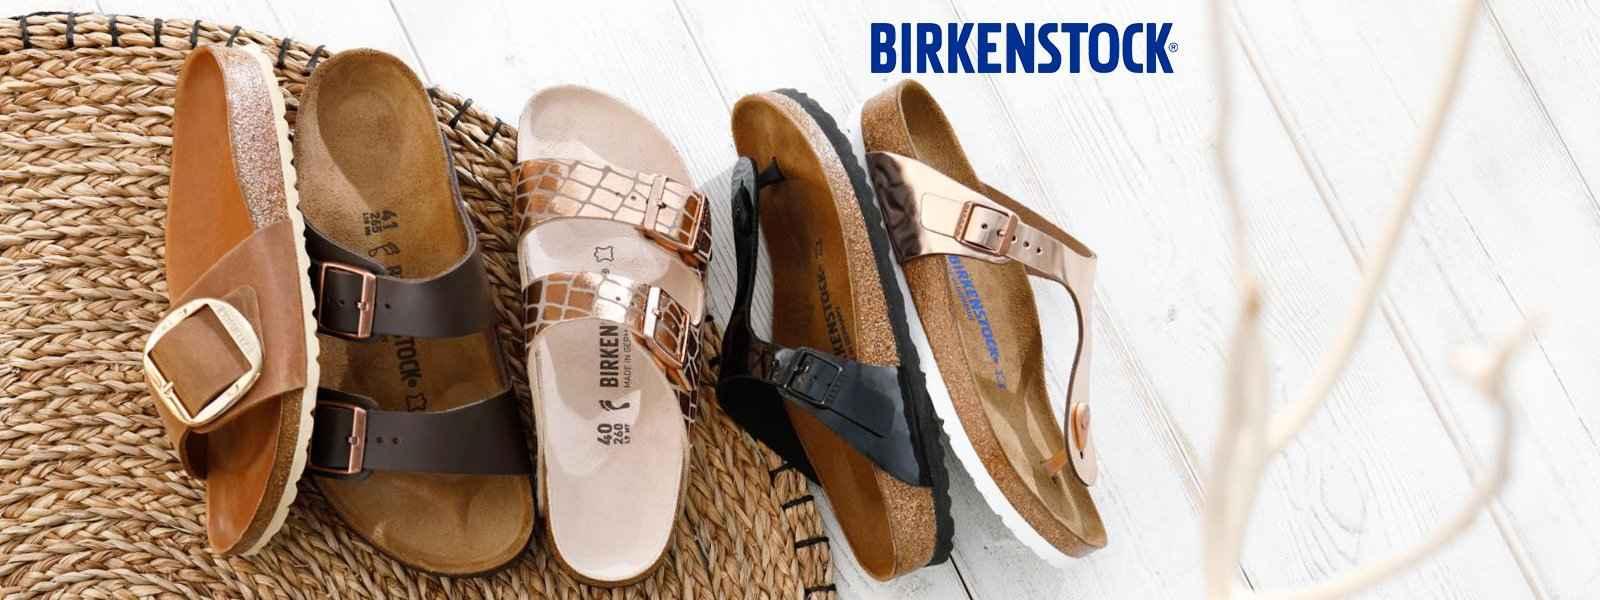 Marke der Woche: Birkenstock